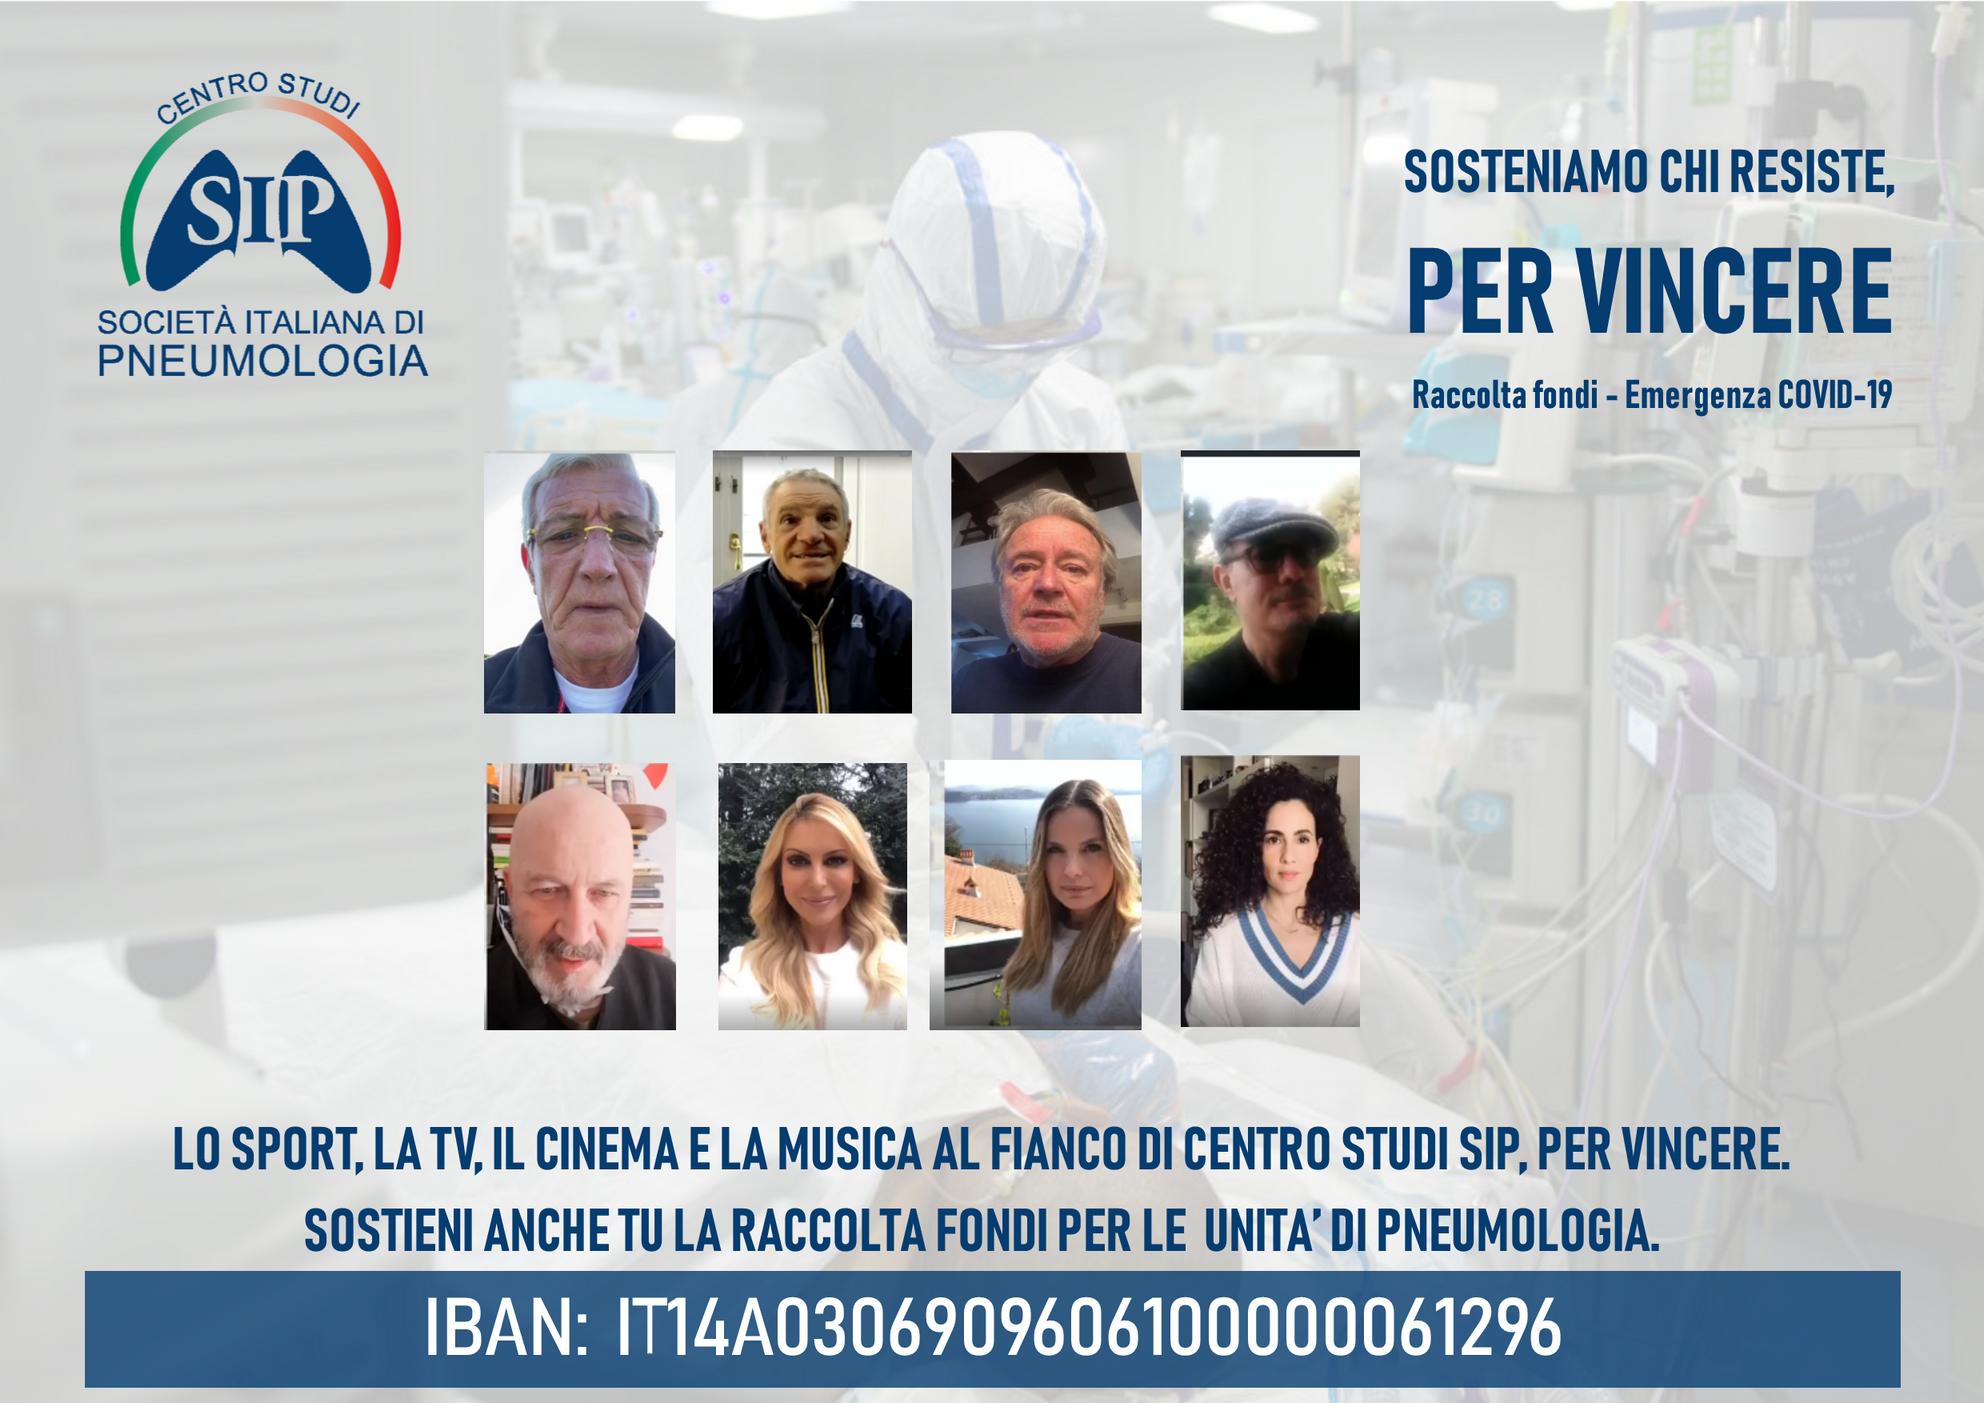 LO SPORT, LA TV, IL CINEMA E LA MUSICA A FIANCO DI CENTRO STUDI SIP NELLA RACCOLTA FONDI PER L' EMERGENZA COVID-19